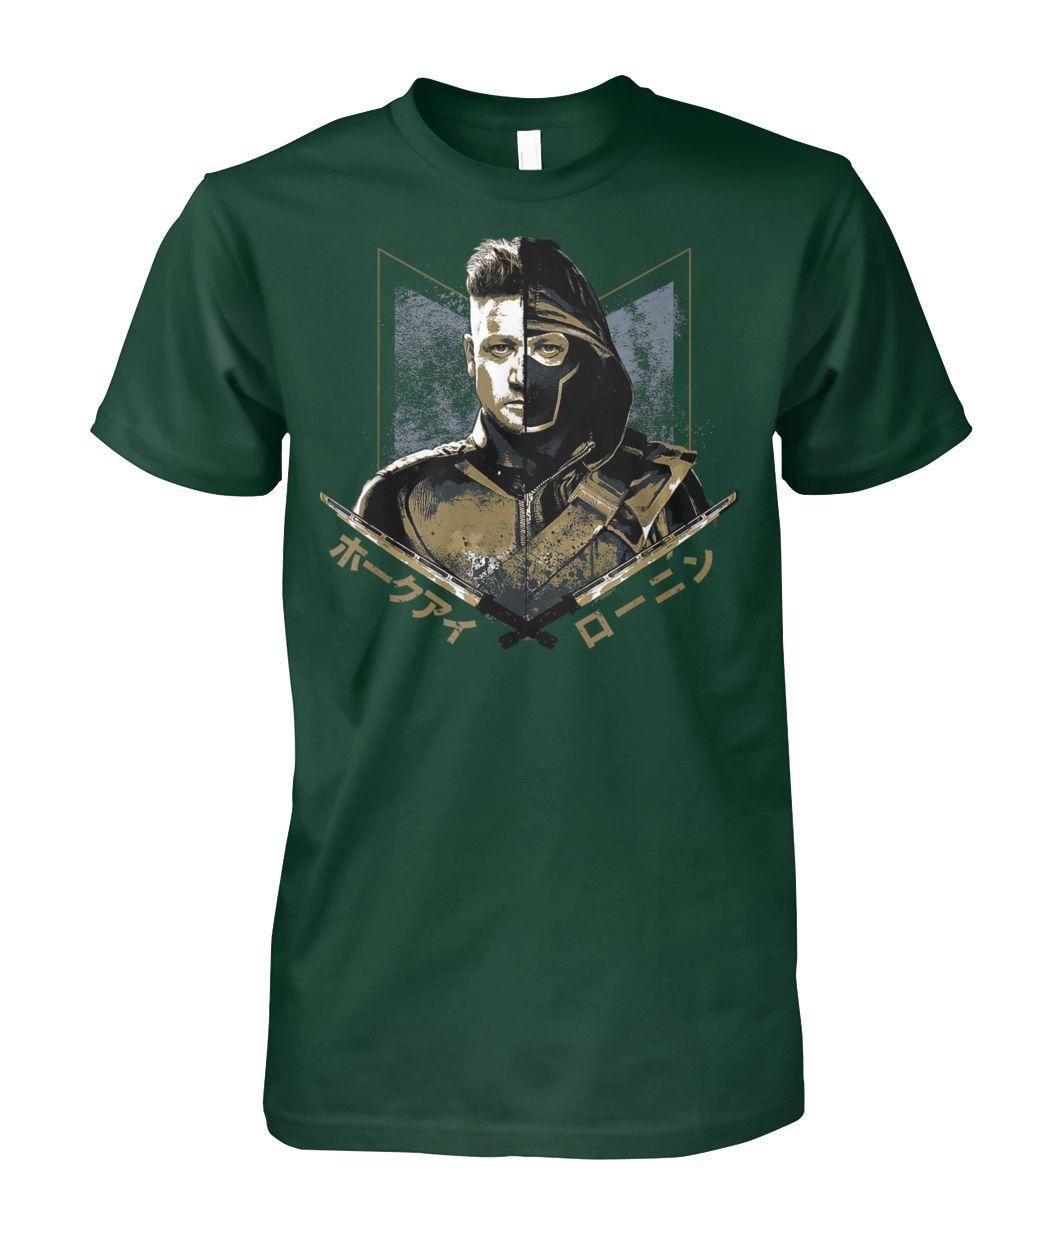 [Hot version] Marvel avengers endgame ronin hawkeye shirt